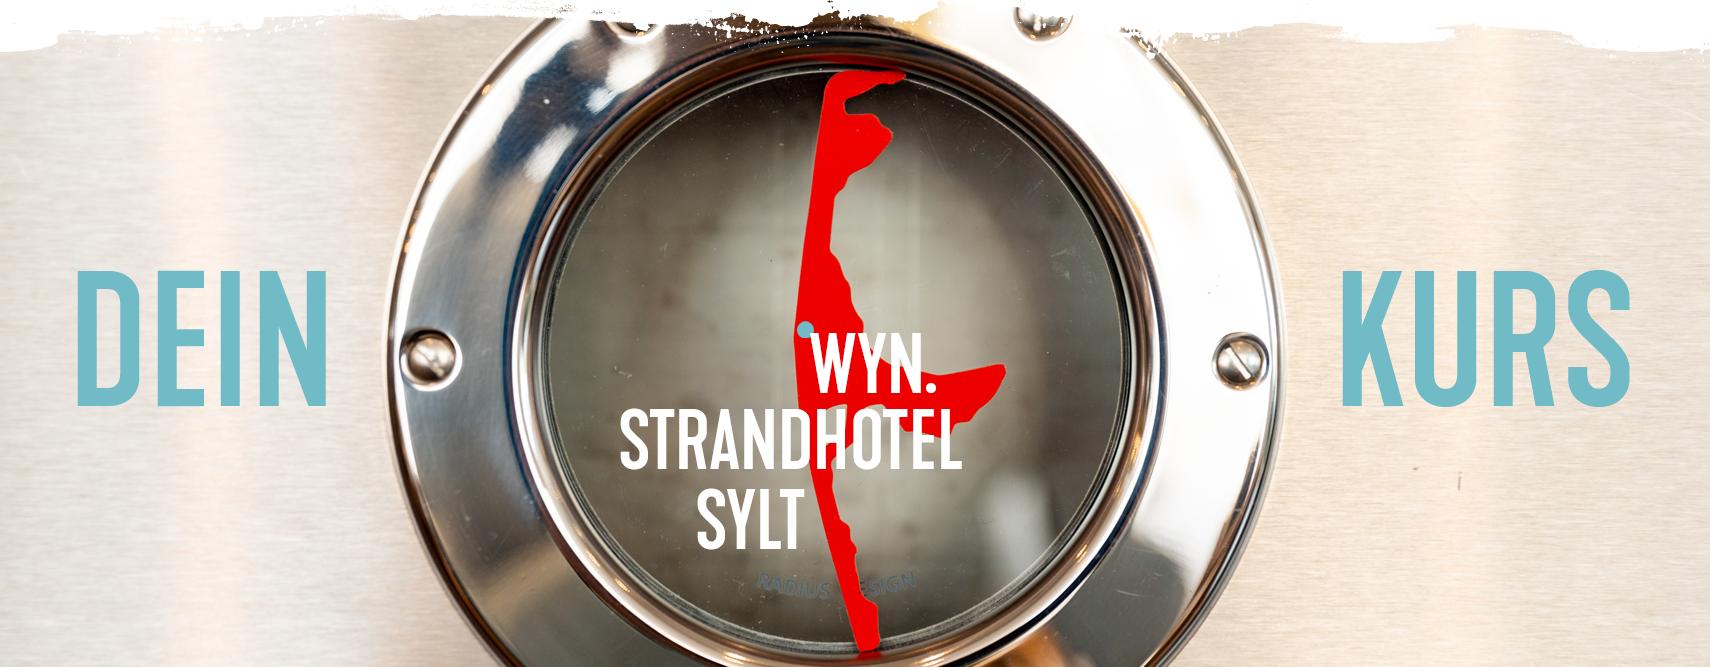 Jobs und Karriere im Wyn. Strandhotel Sylt